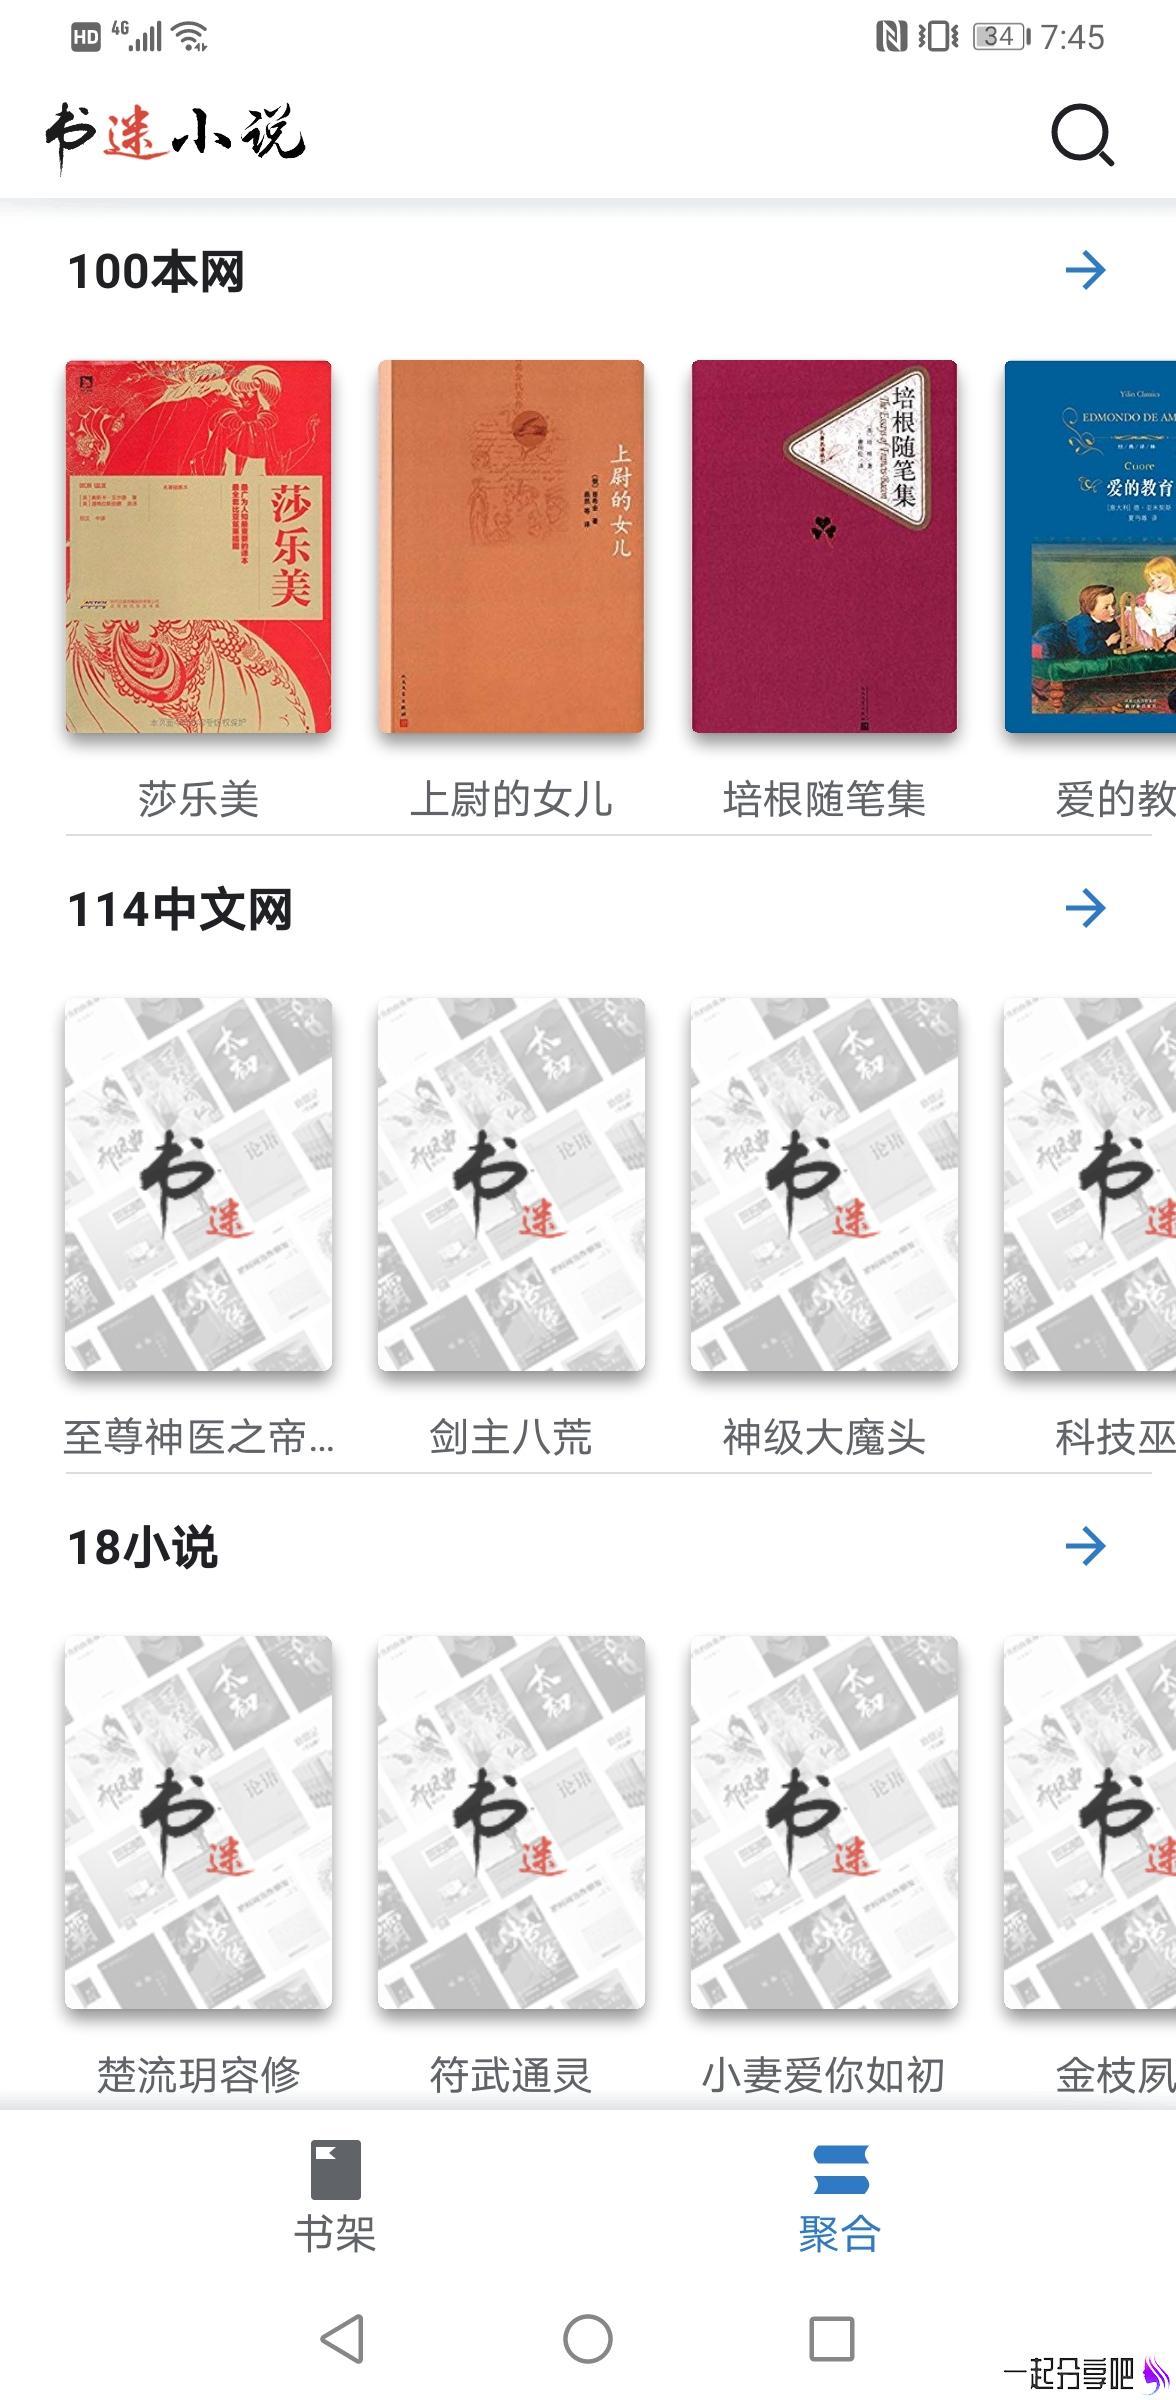 安卓书迷 聚合829个平台书源 所有小说免费看 第1张